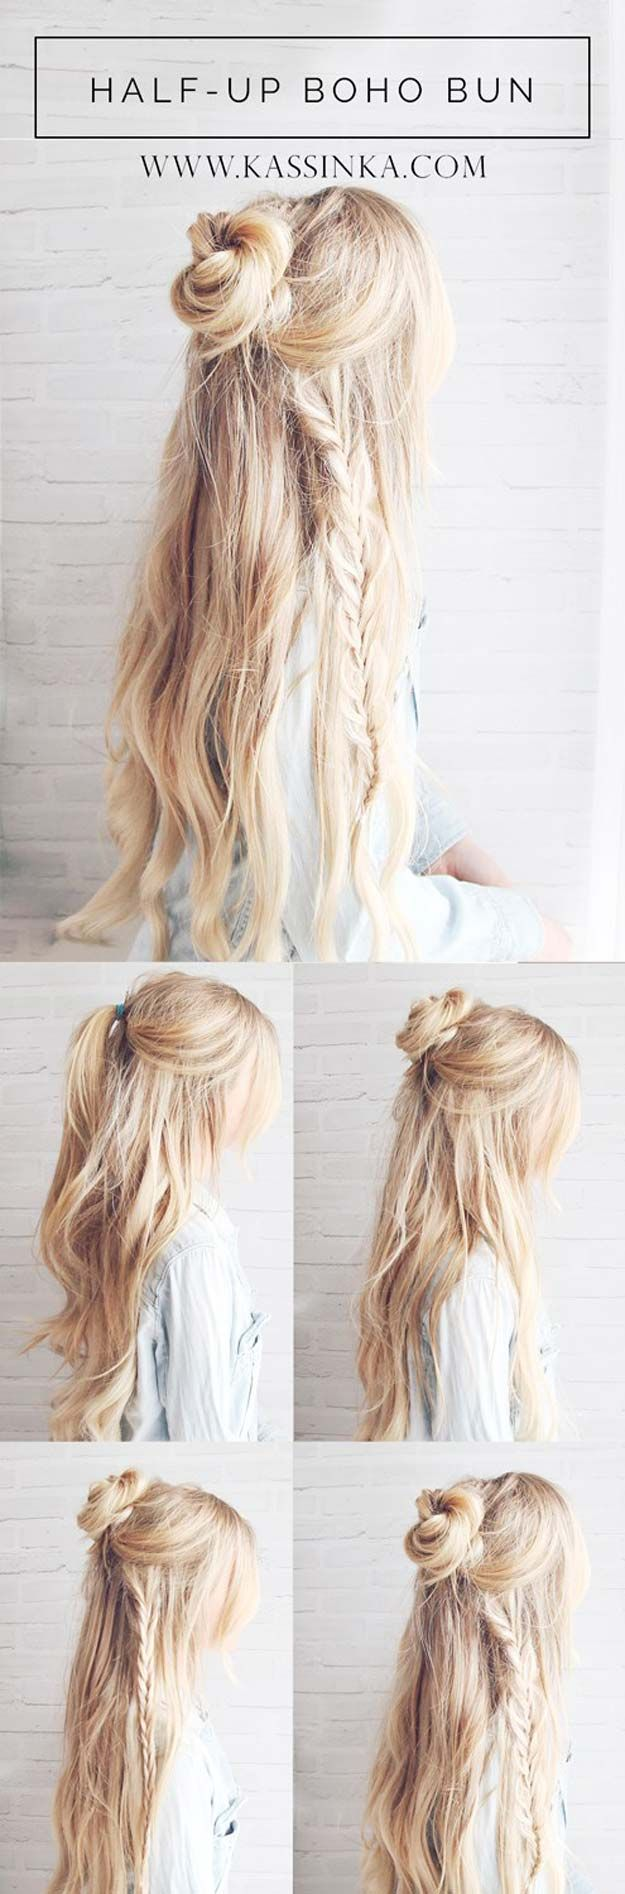 Festival Hair Tutorials - Half-up Boho Braided Bun Hair Tutorial - Short Quick a...